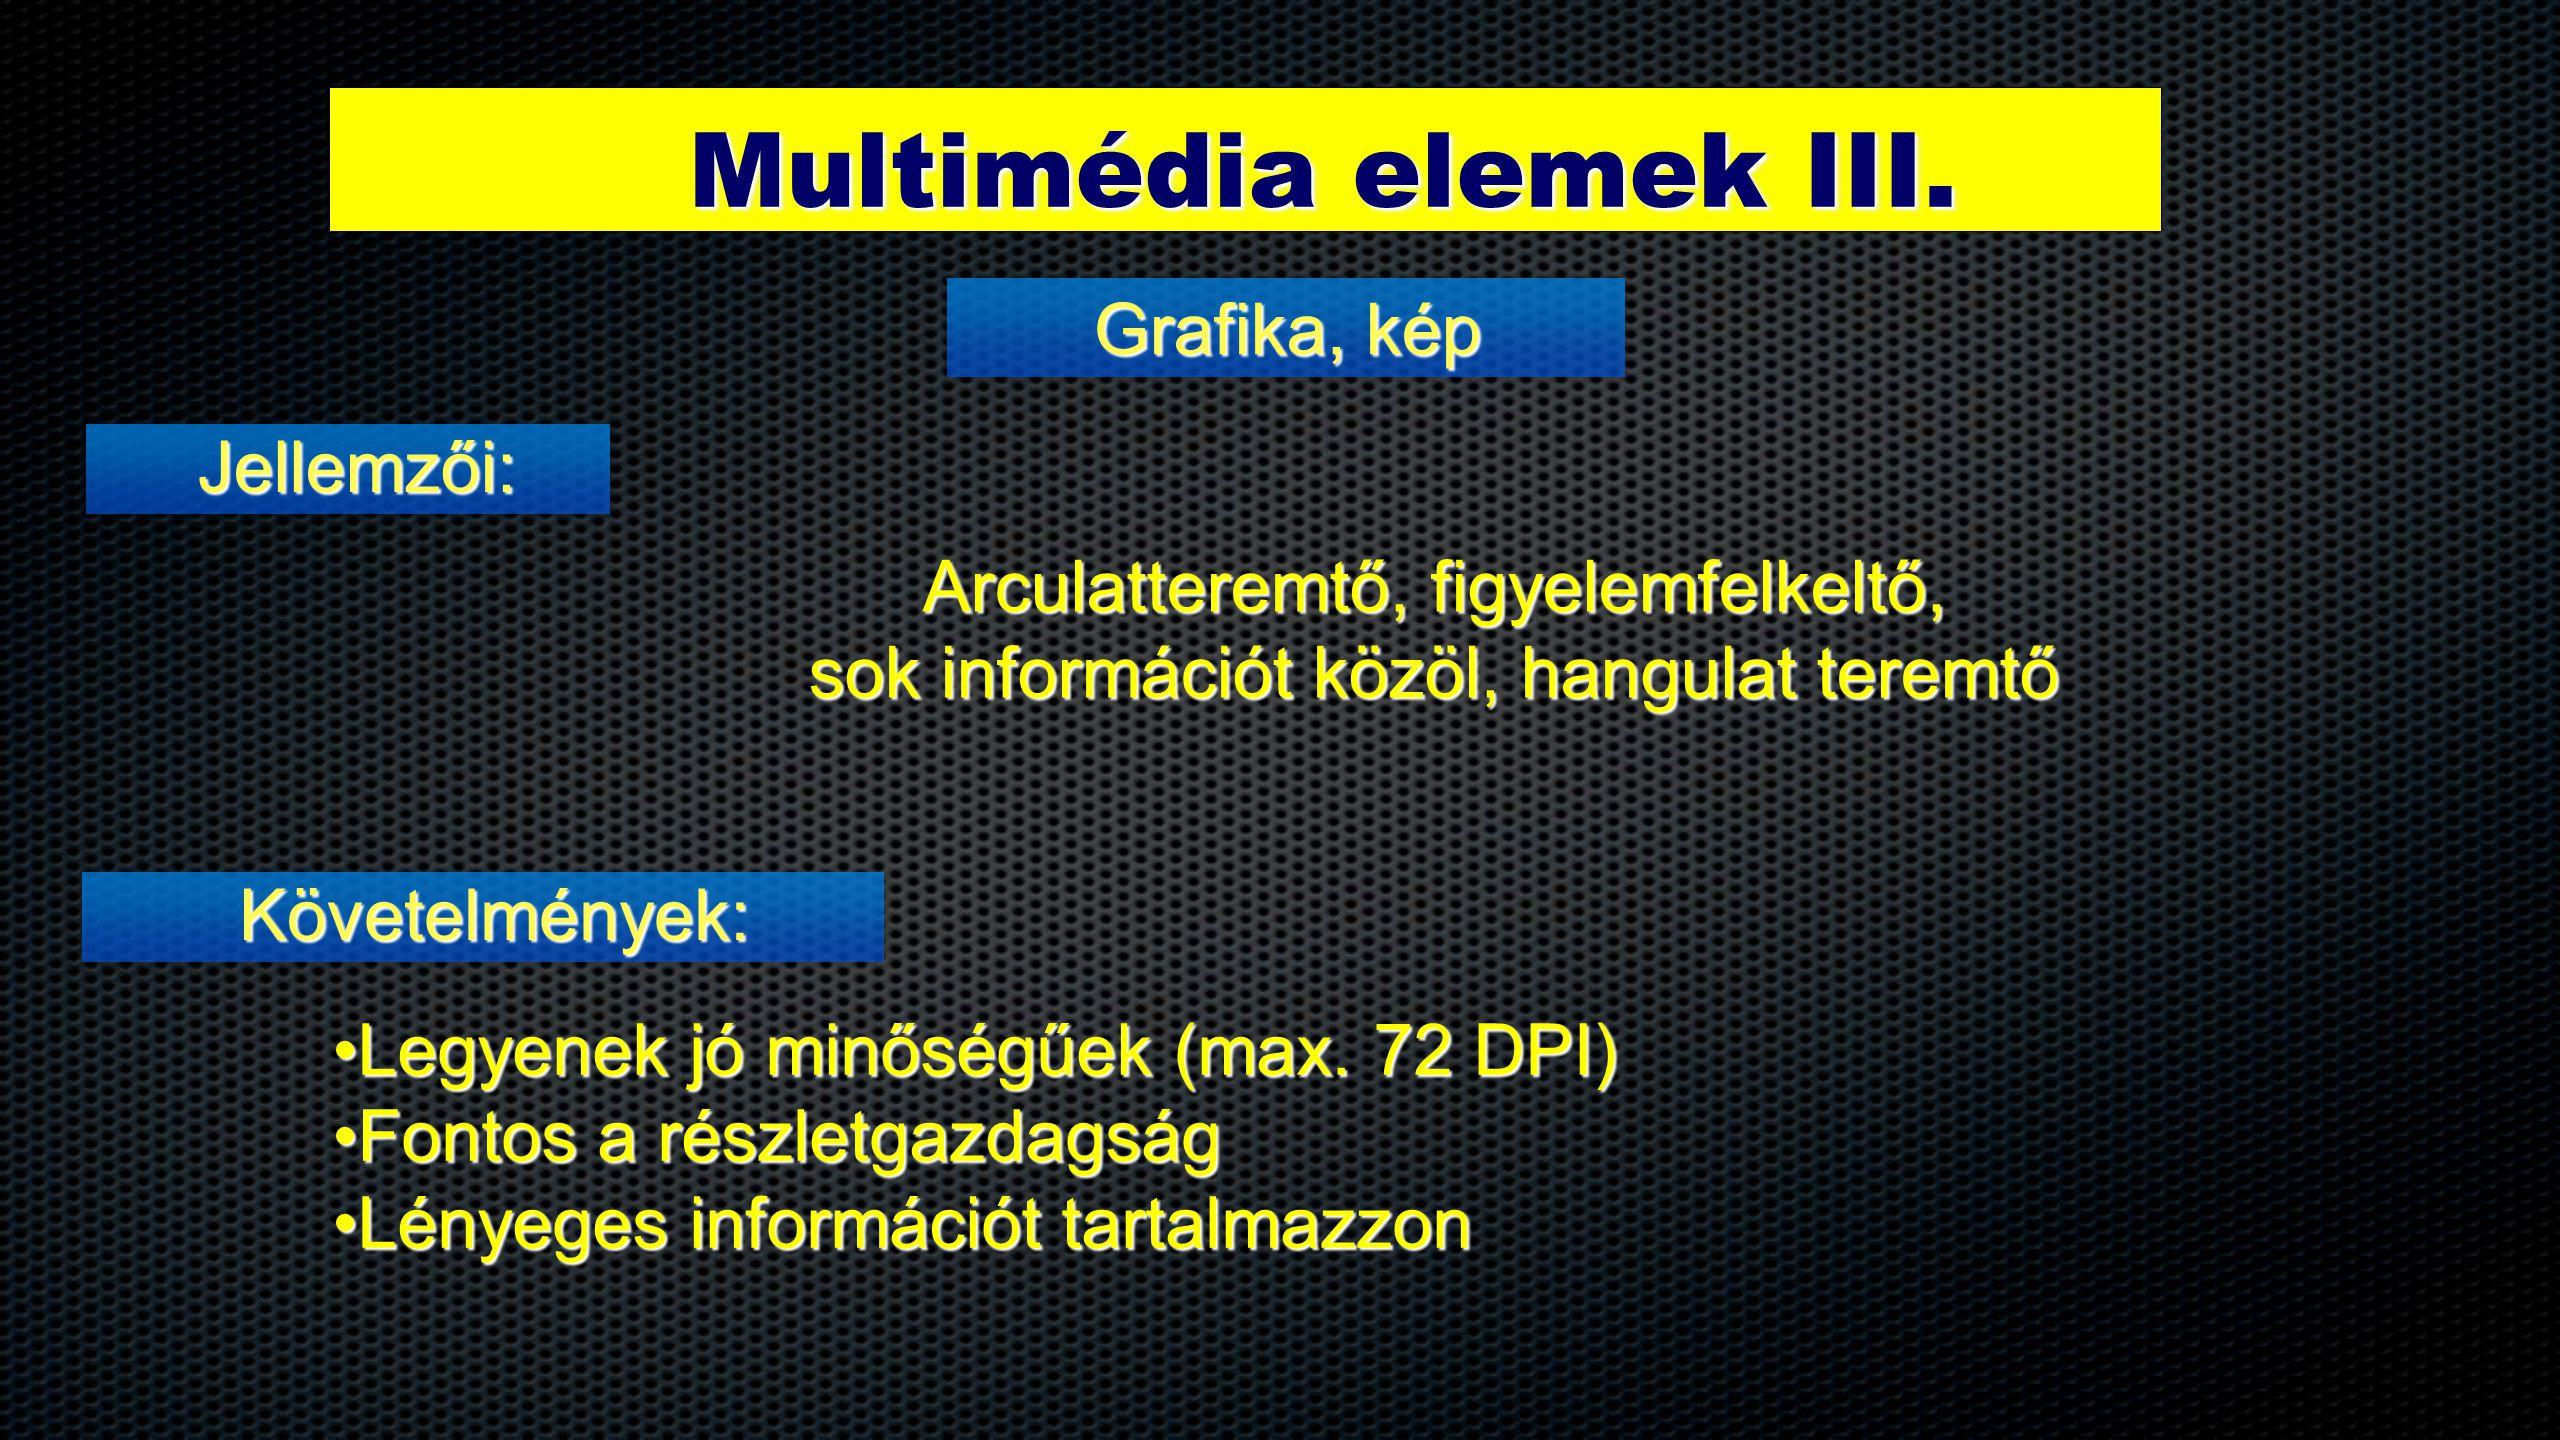 Multimédia elemek III. Grafika, kép Jellemzői: